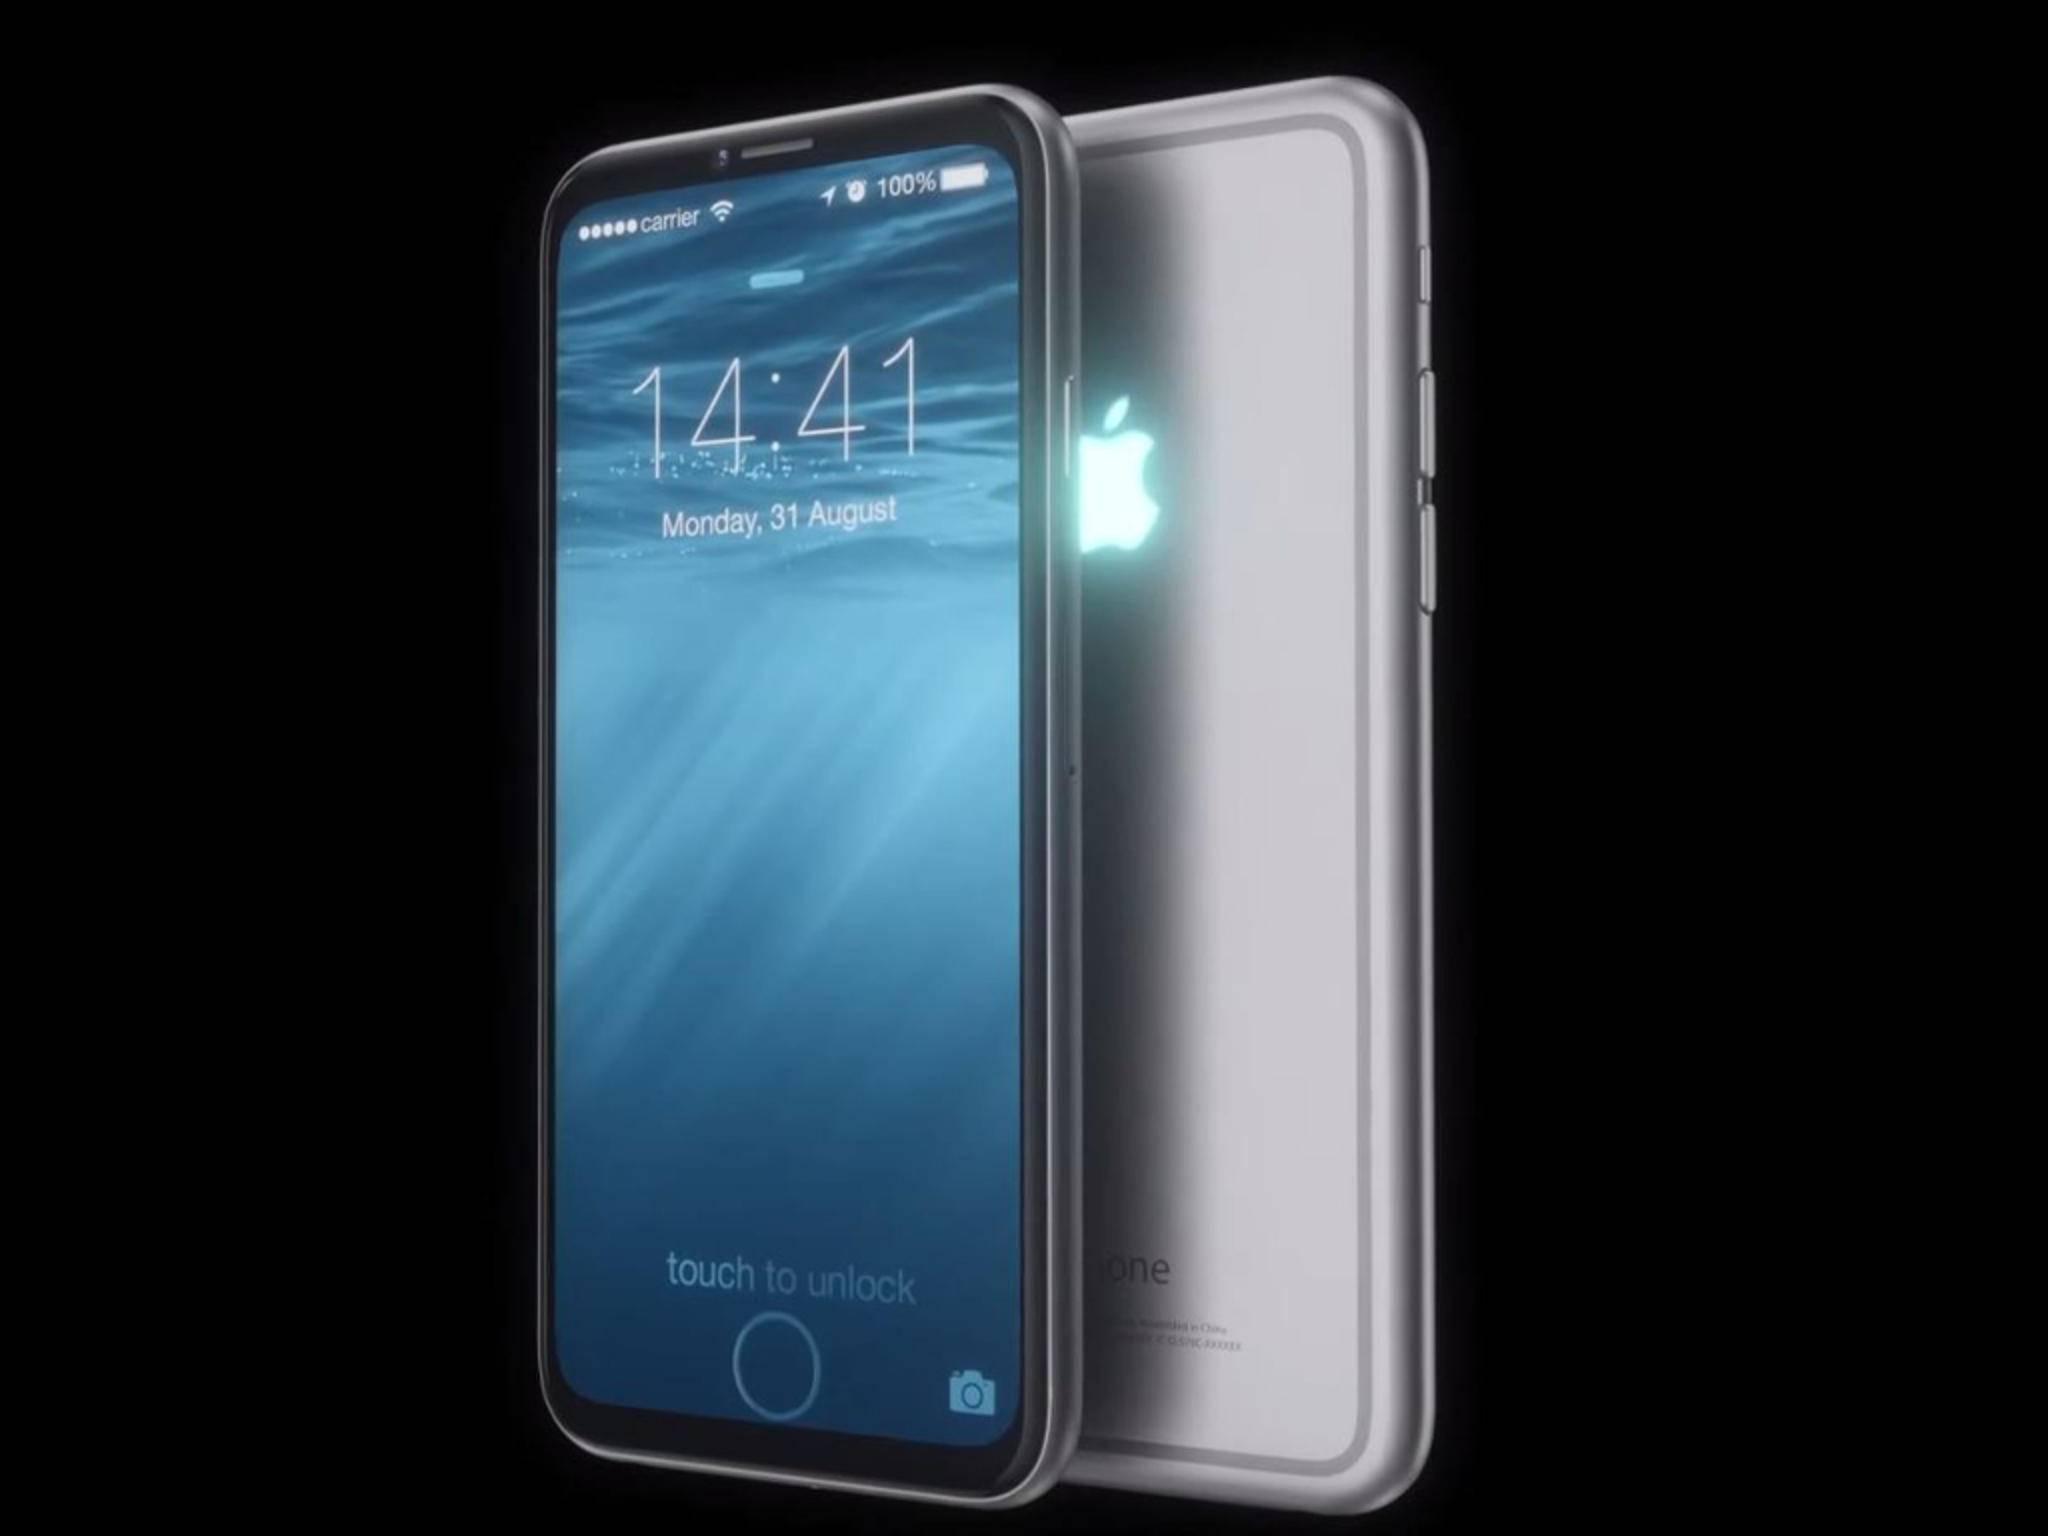 Bislang ist noch vollkommen unklar, wie das neue iPhone 6s aussehen könnte.